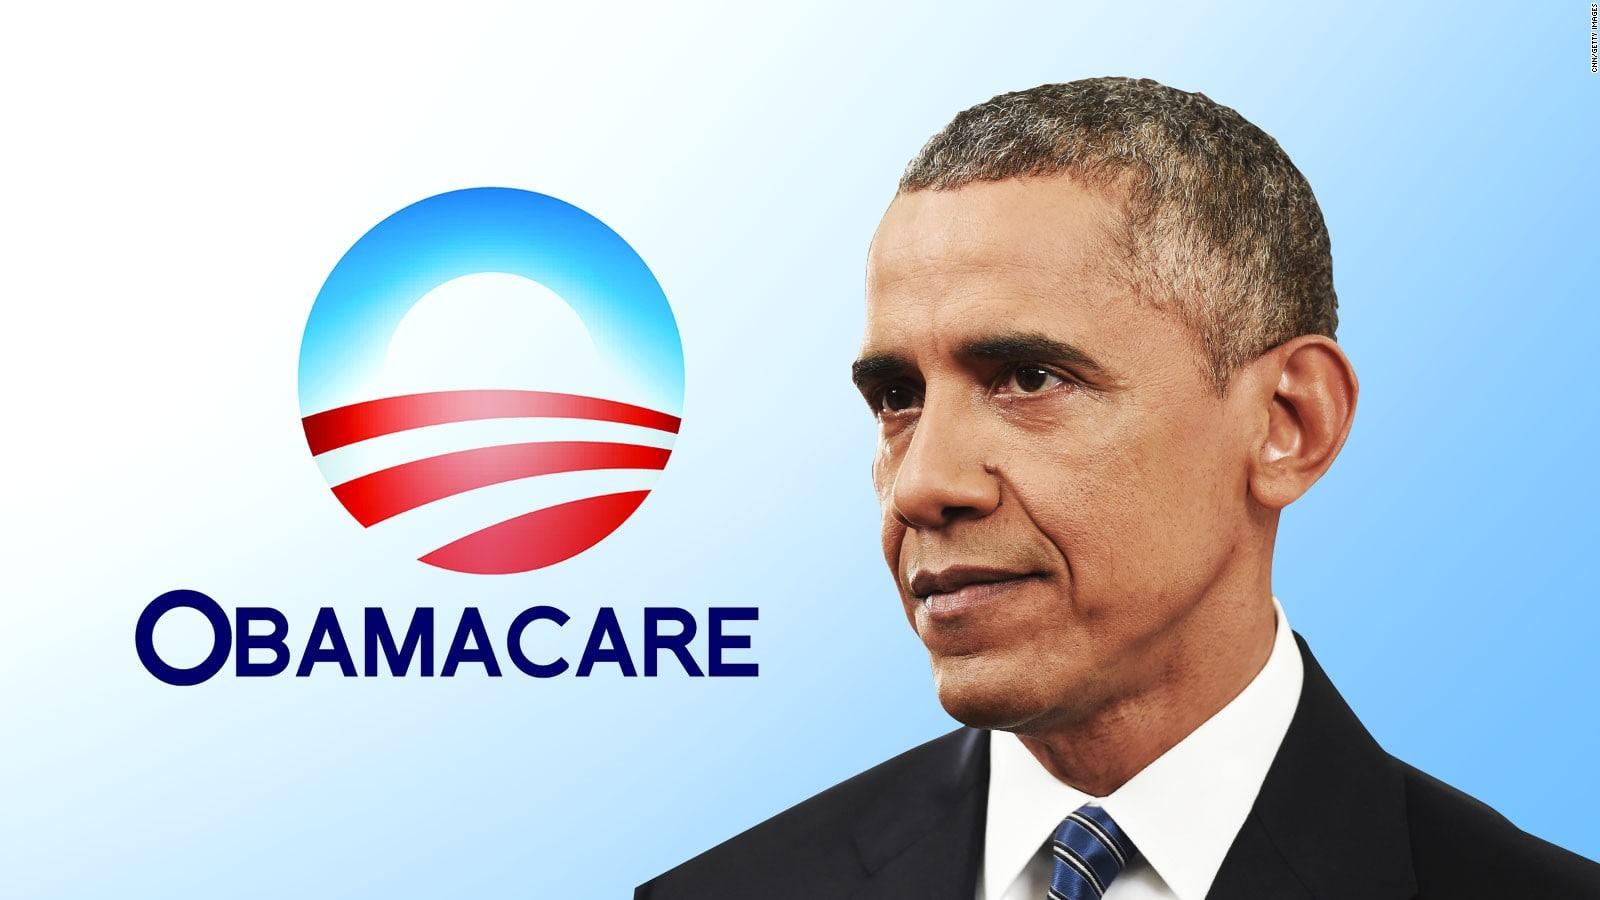 """Bảo Hiểm Y Tế """"Obamacare"""" Sẽ Giảm Phí Trong Năm 2019"""